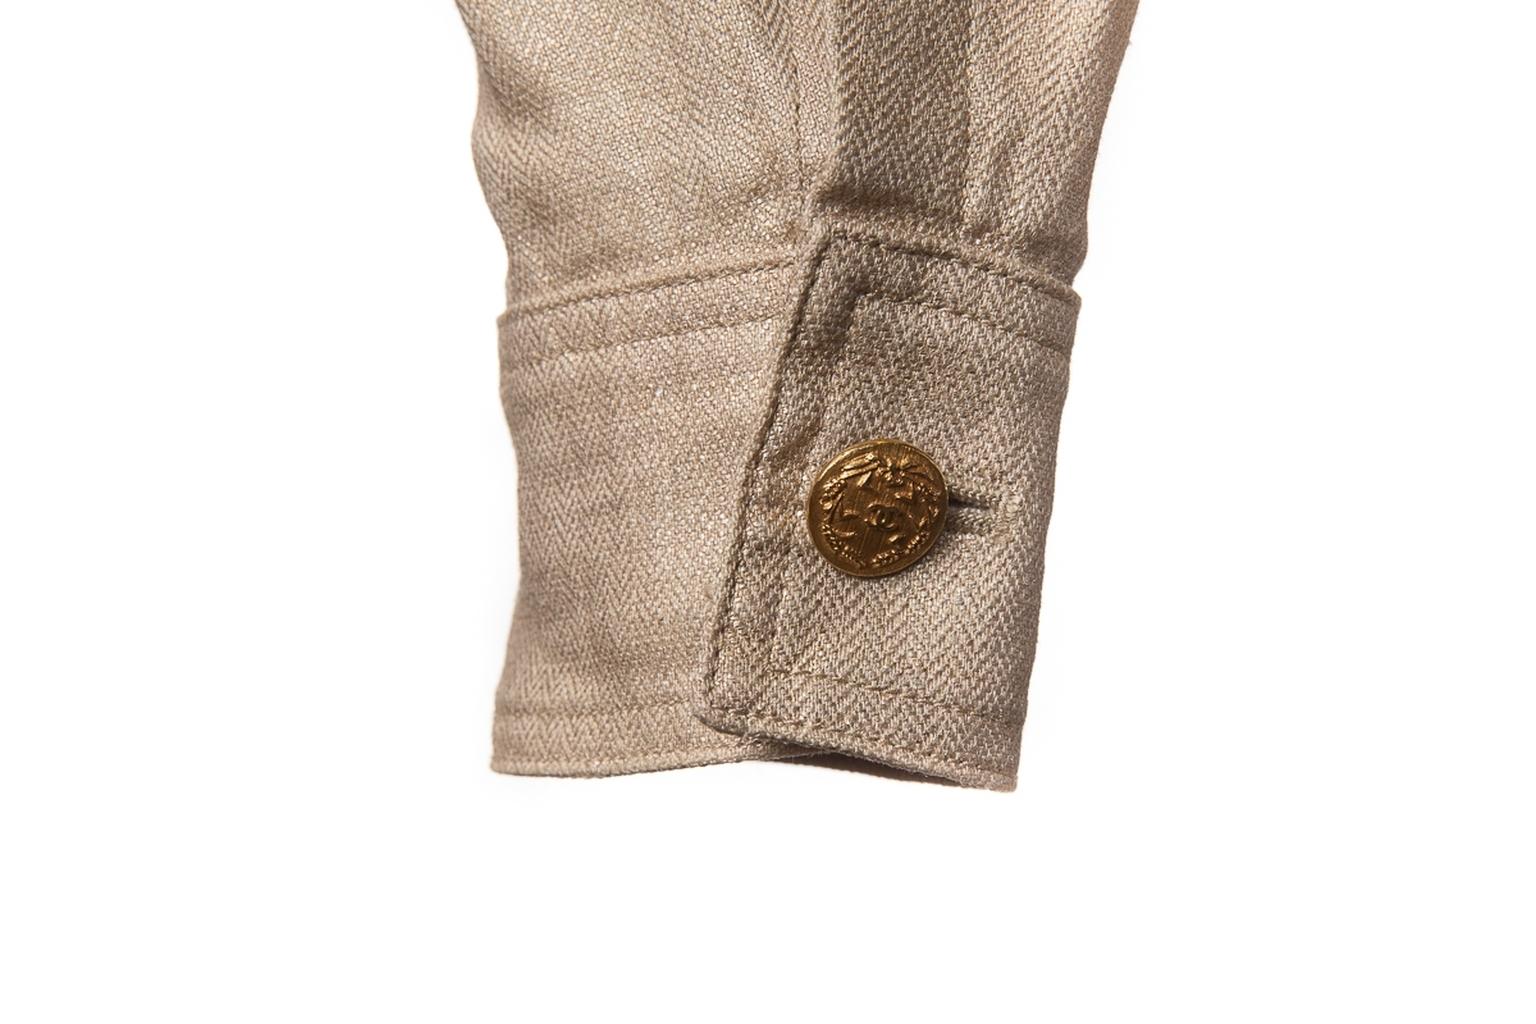 Классический льняной жакет золотистого цвета от Chanel, 38 размер.